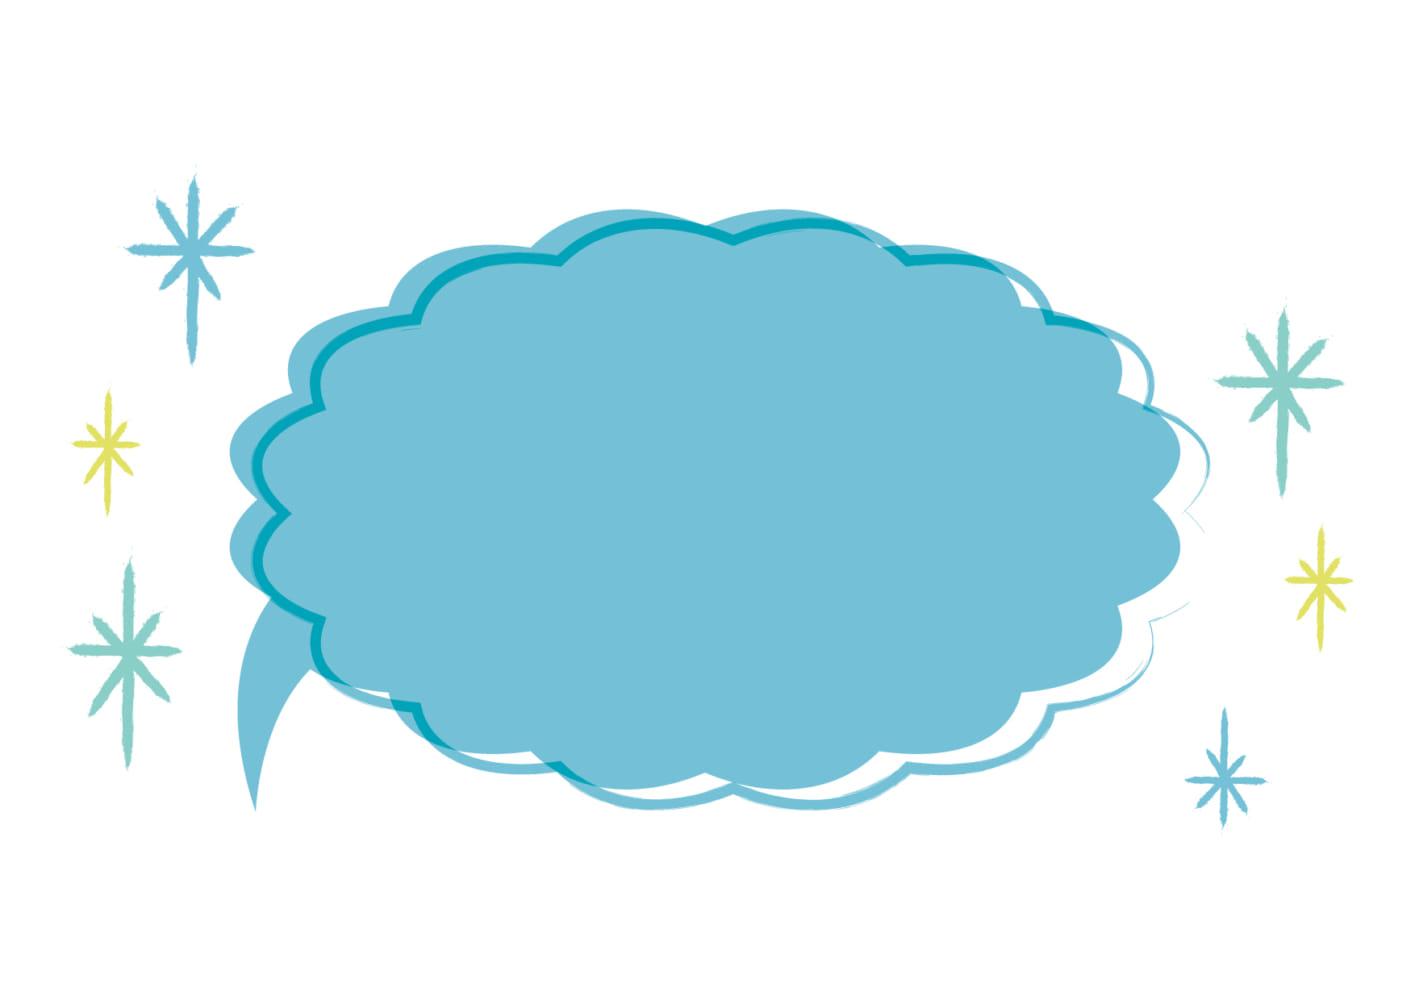 吹き出し イラスト かわいい ハート 背景素材 可爱い | www.thetupian